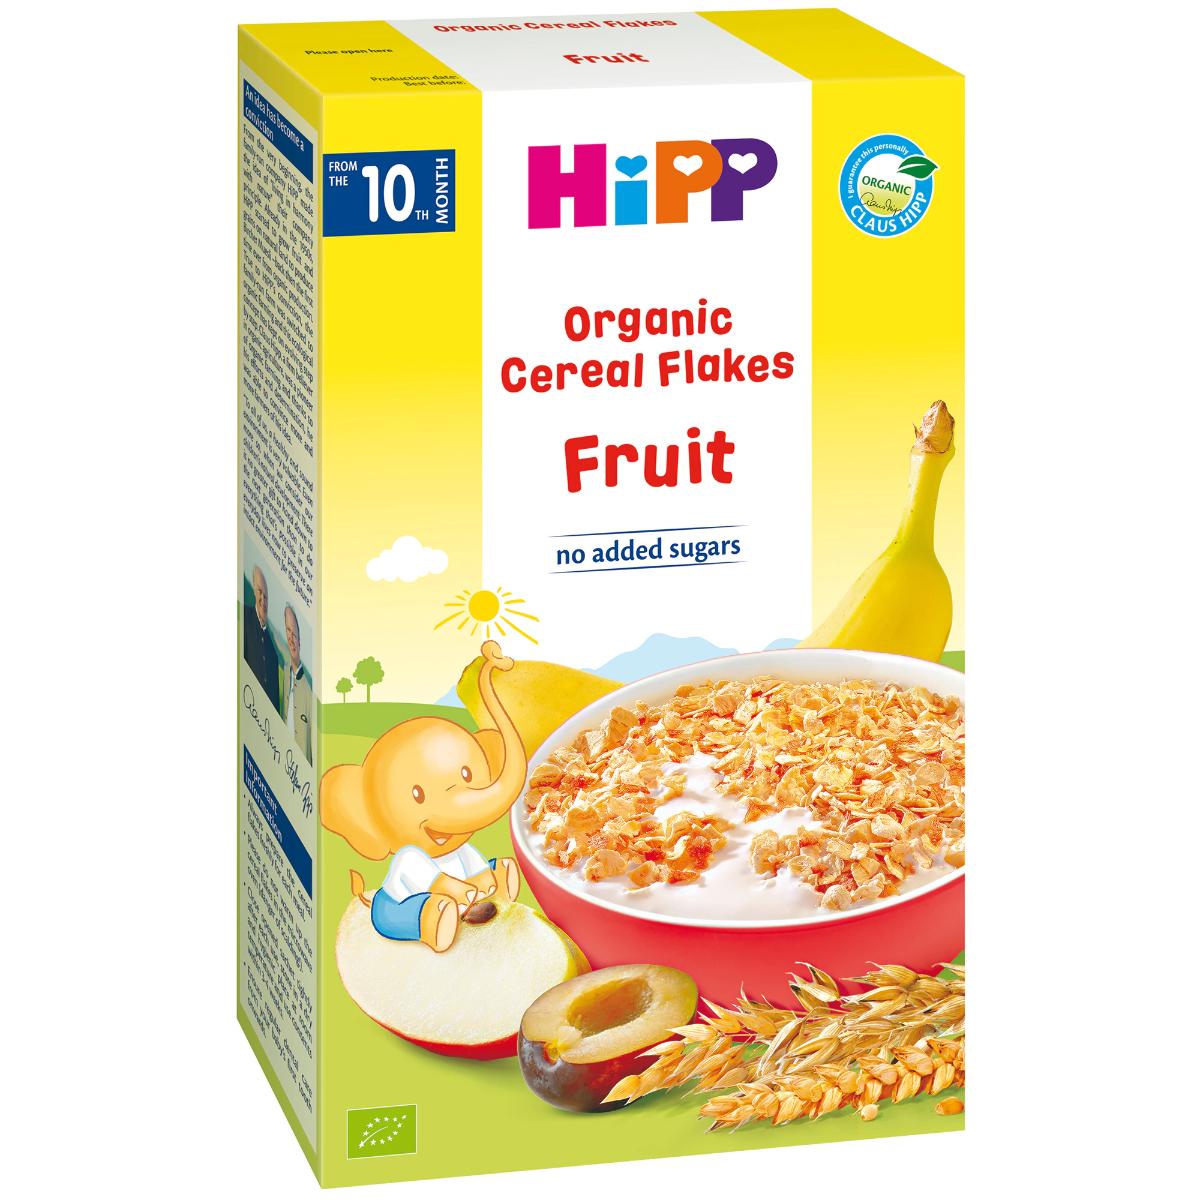 Fulgi de cereale ecologice cu fructe, 200g, Hipp drmax.ro